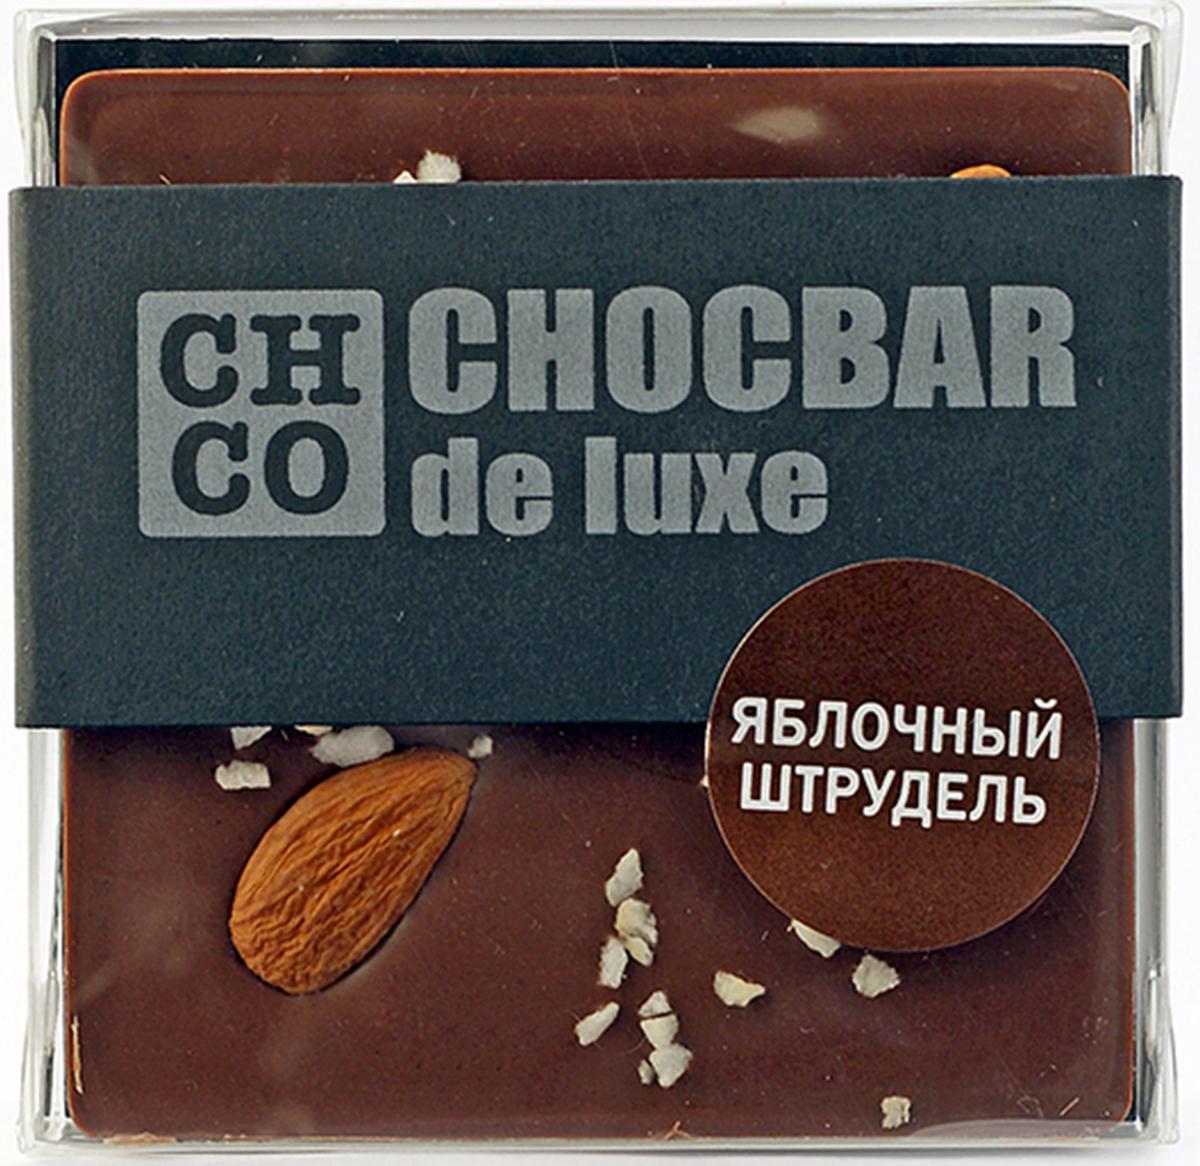 Chco Chocbar De Luxe Milk Яблочный штрудель молочный шоколад, 85 г chco chocbar карамель молочный шоколад 100 г